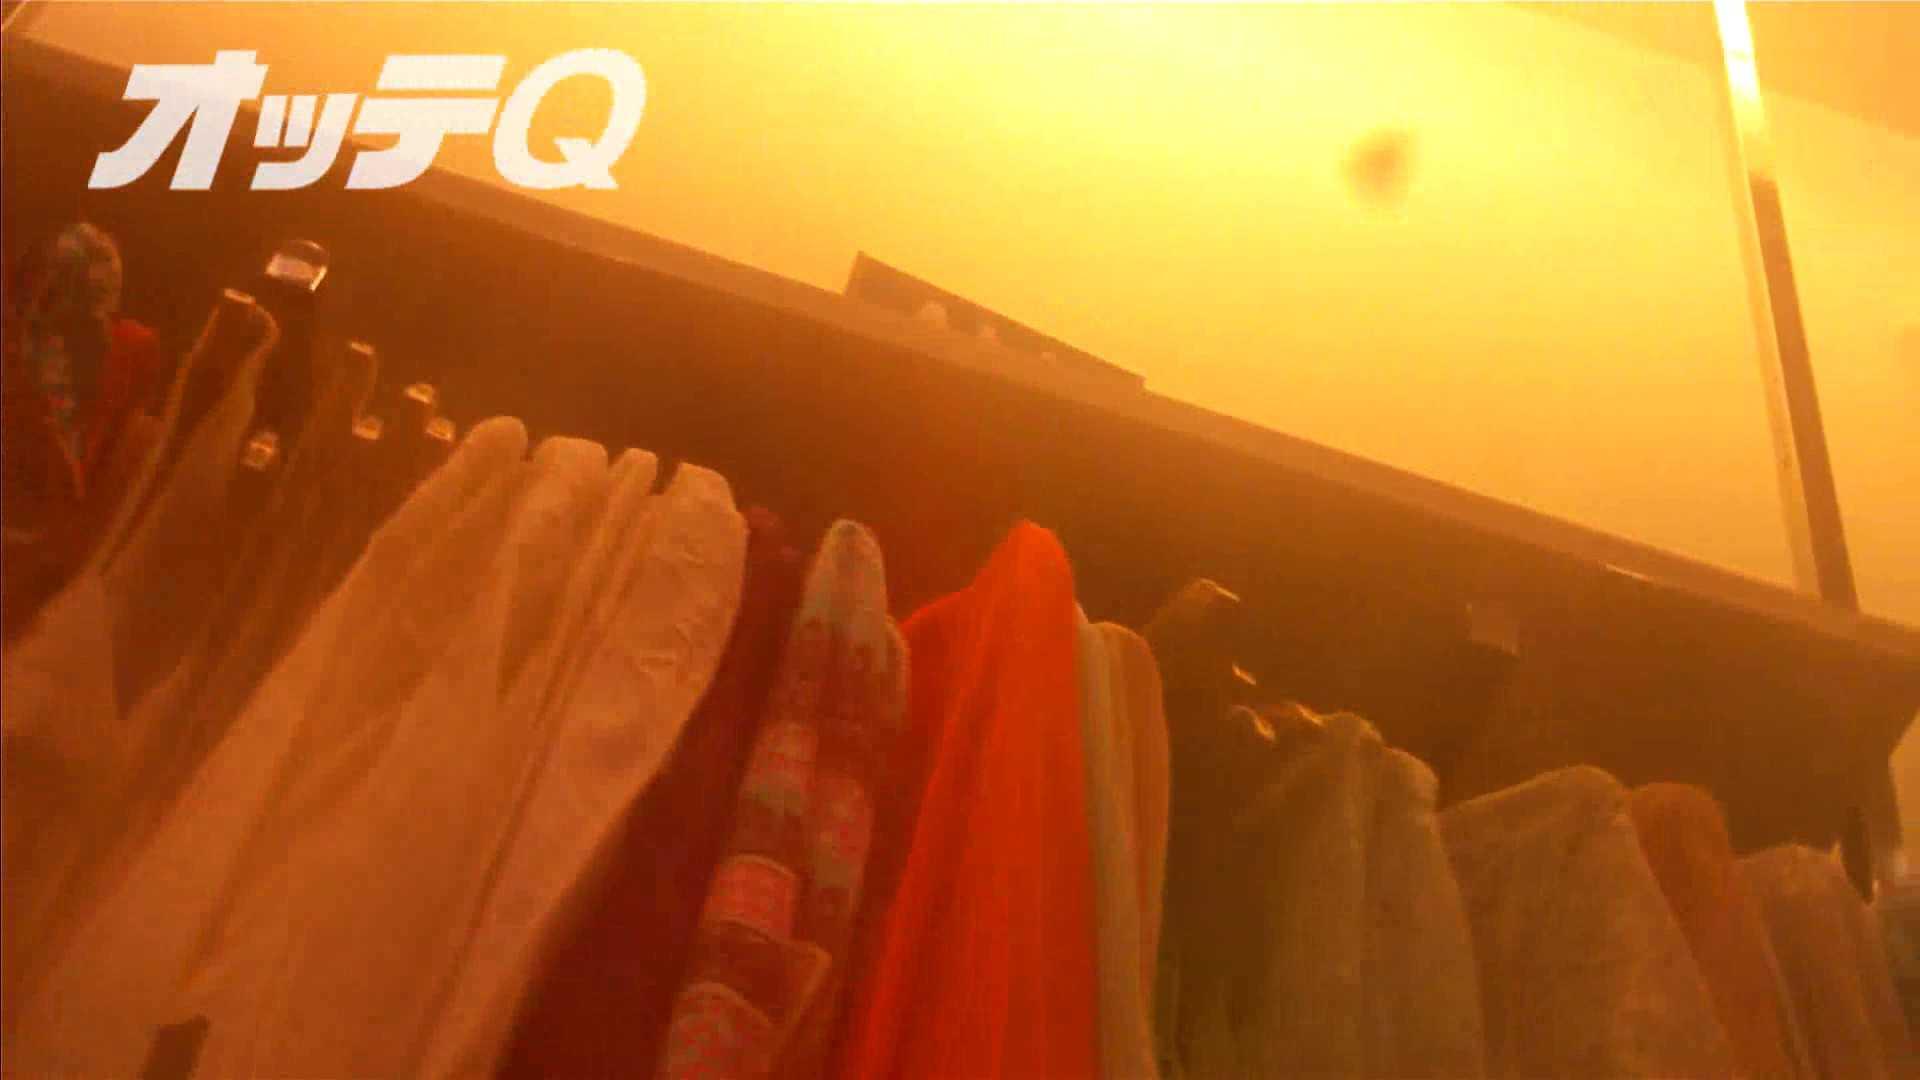 ハイビジョンパンチラ オッテQさんの追跡パンチラデパート編VOL.03 ギャル盗撮映像 セックス無修正動画無料 78PIX 2